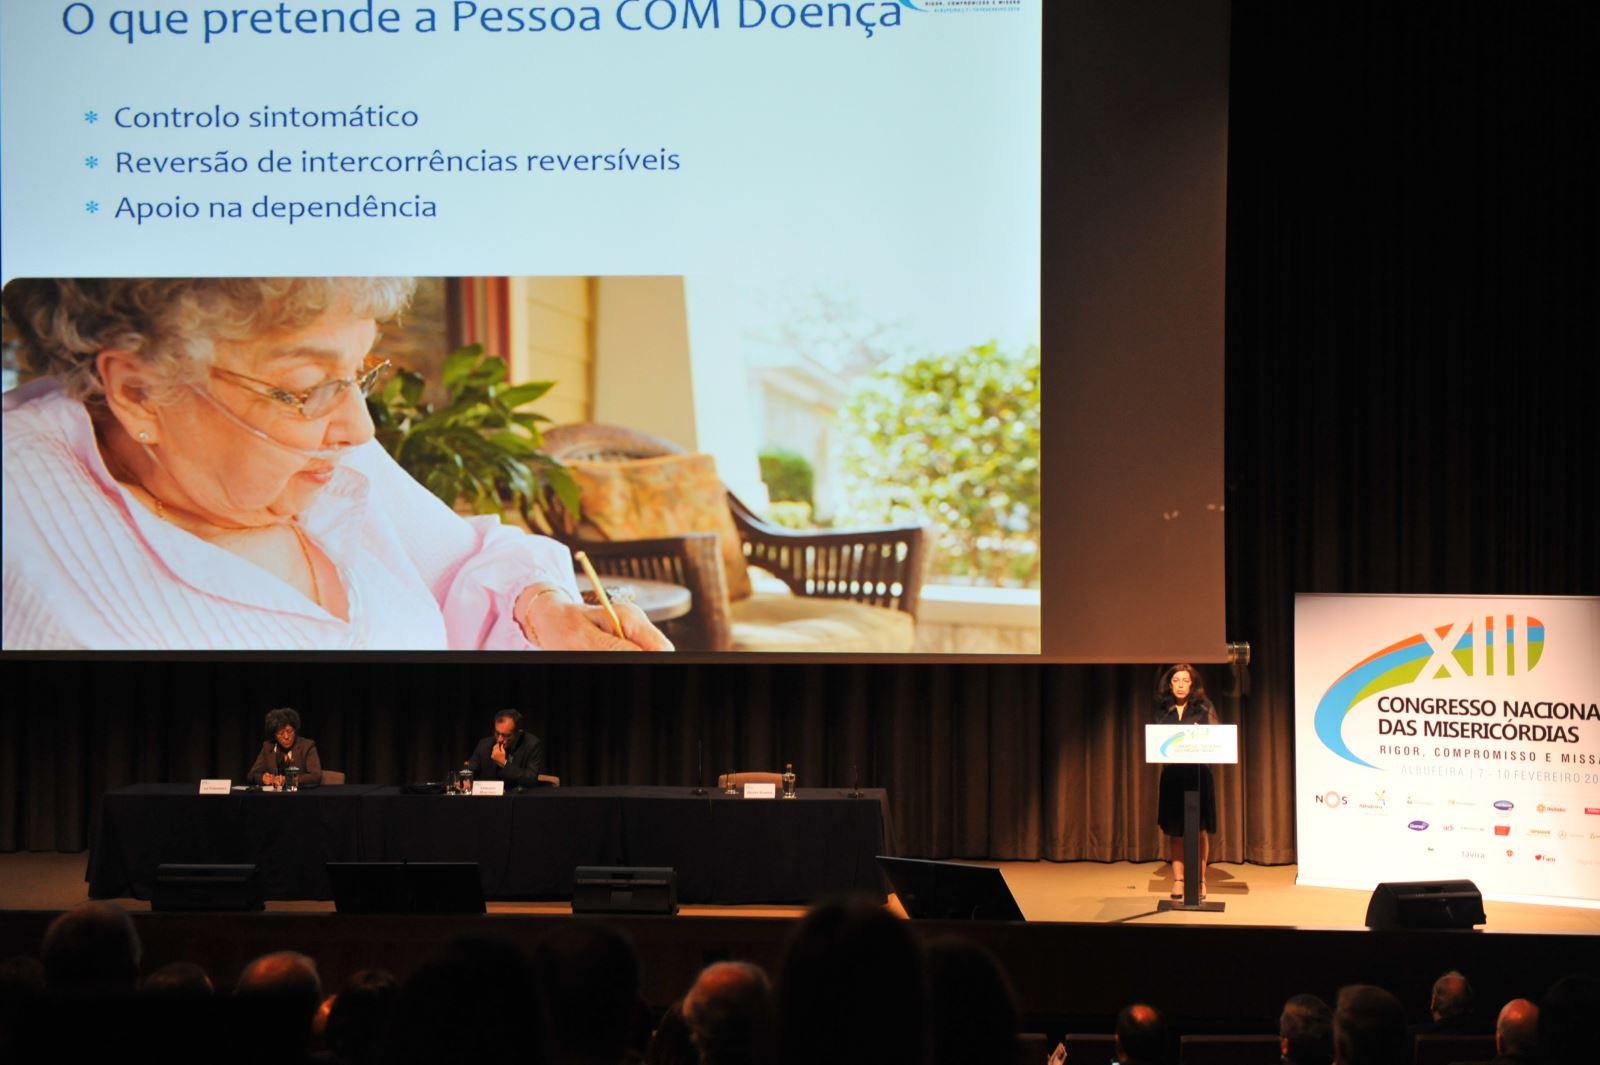 Congresso Nacional | 'Tirar um curso para ser doente em Portugal'